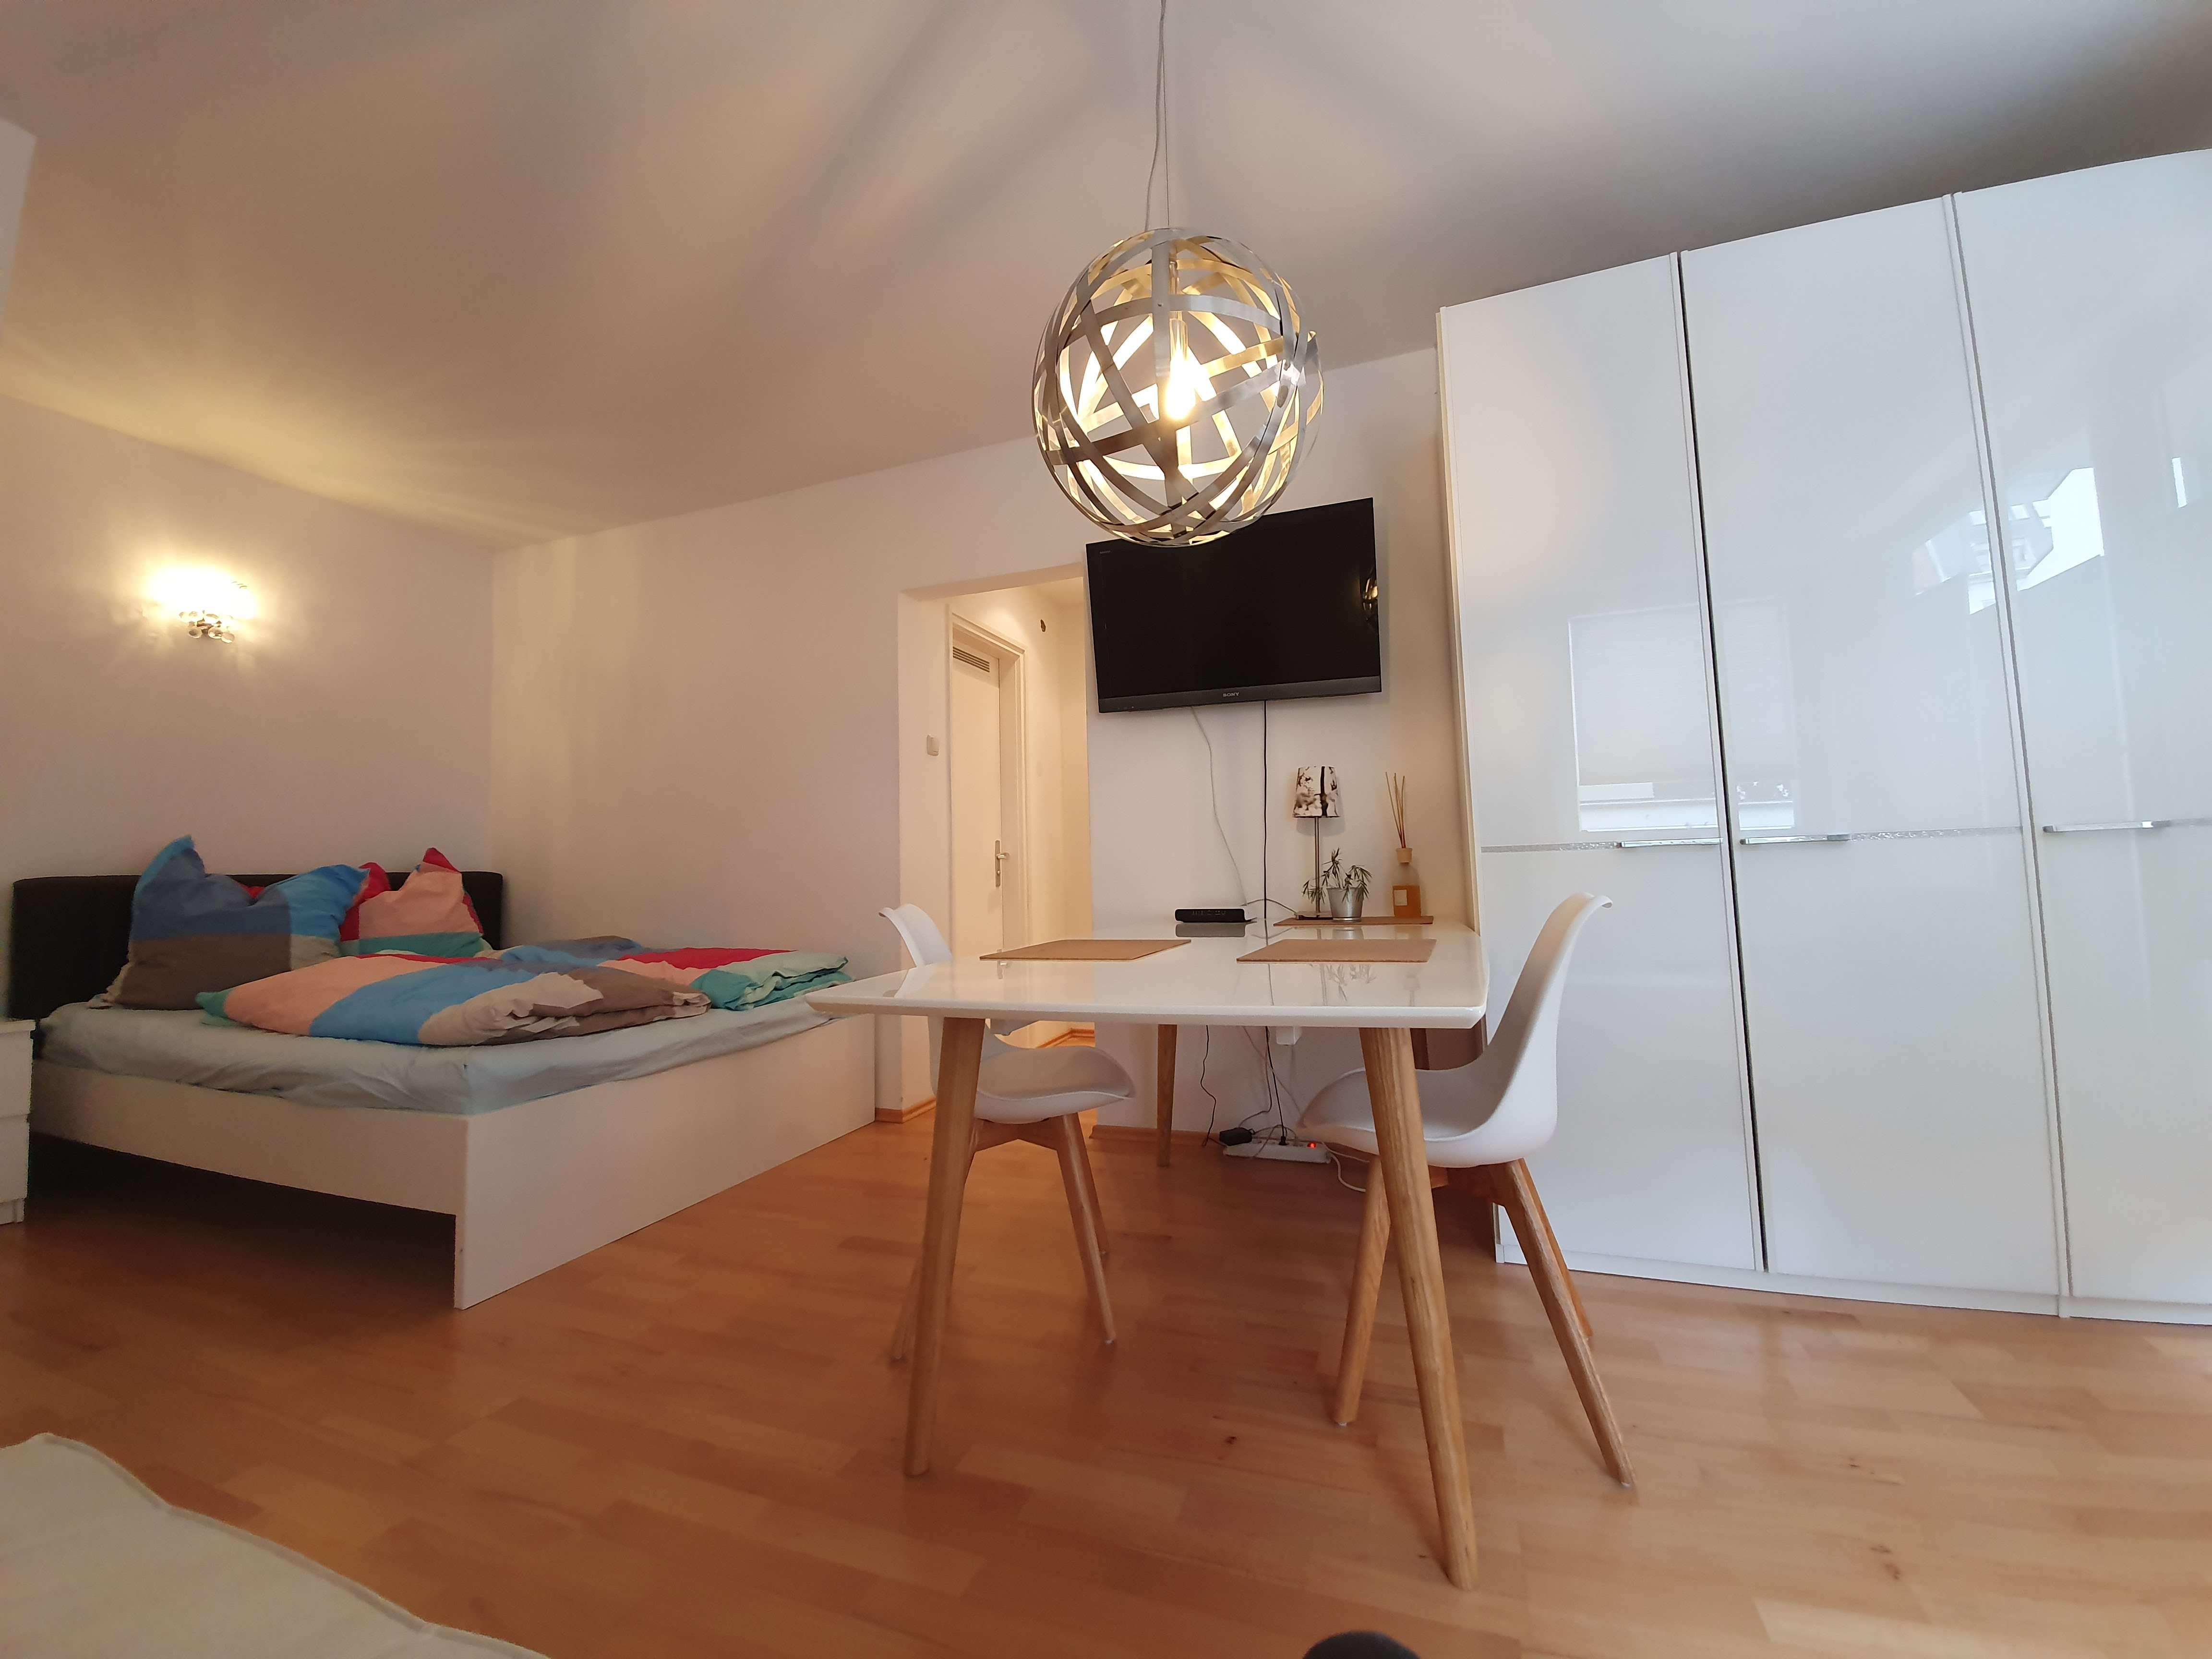 Möbliert: perfekt gelegenes 1-Zimmer-Apartment mit Balkon und Badewanne im Glockenbachviertel in Ludwigsvorstadt-Isarvorstadt (München)